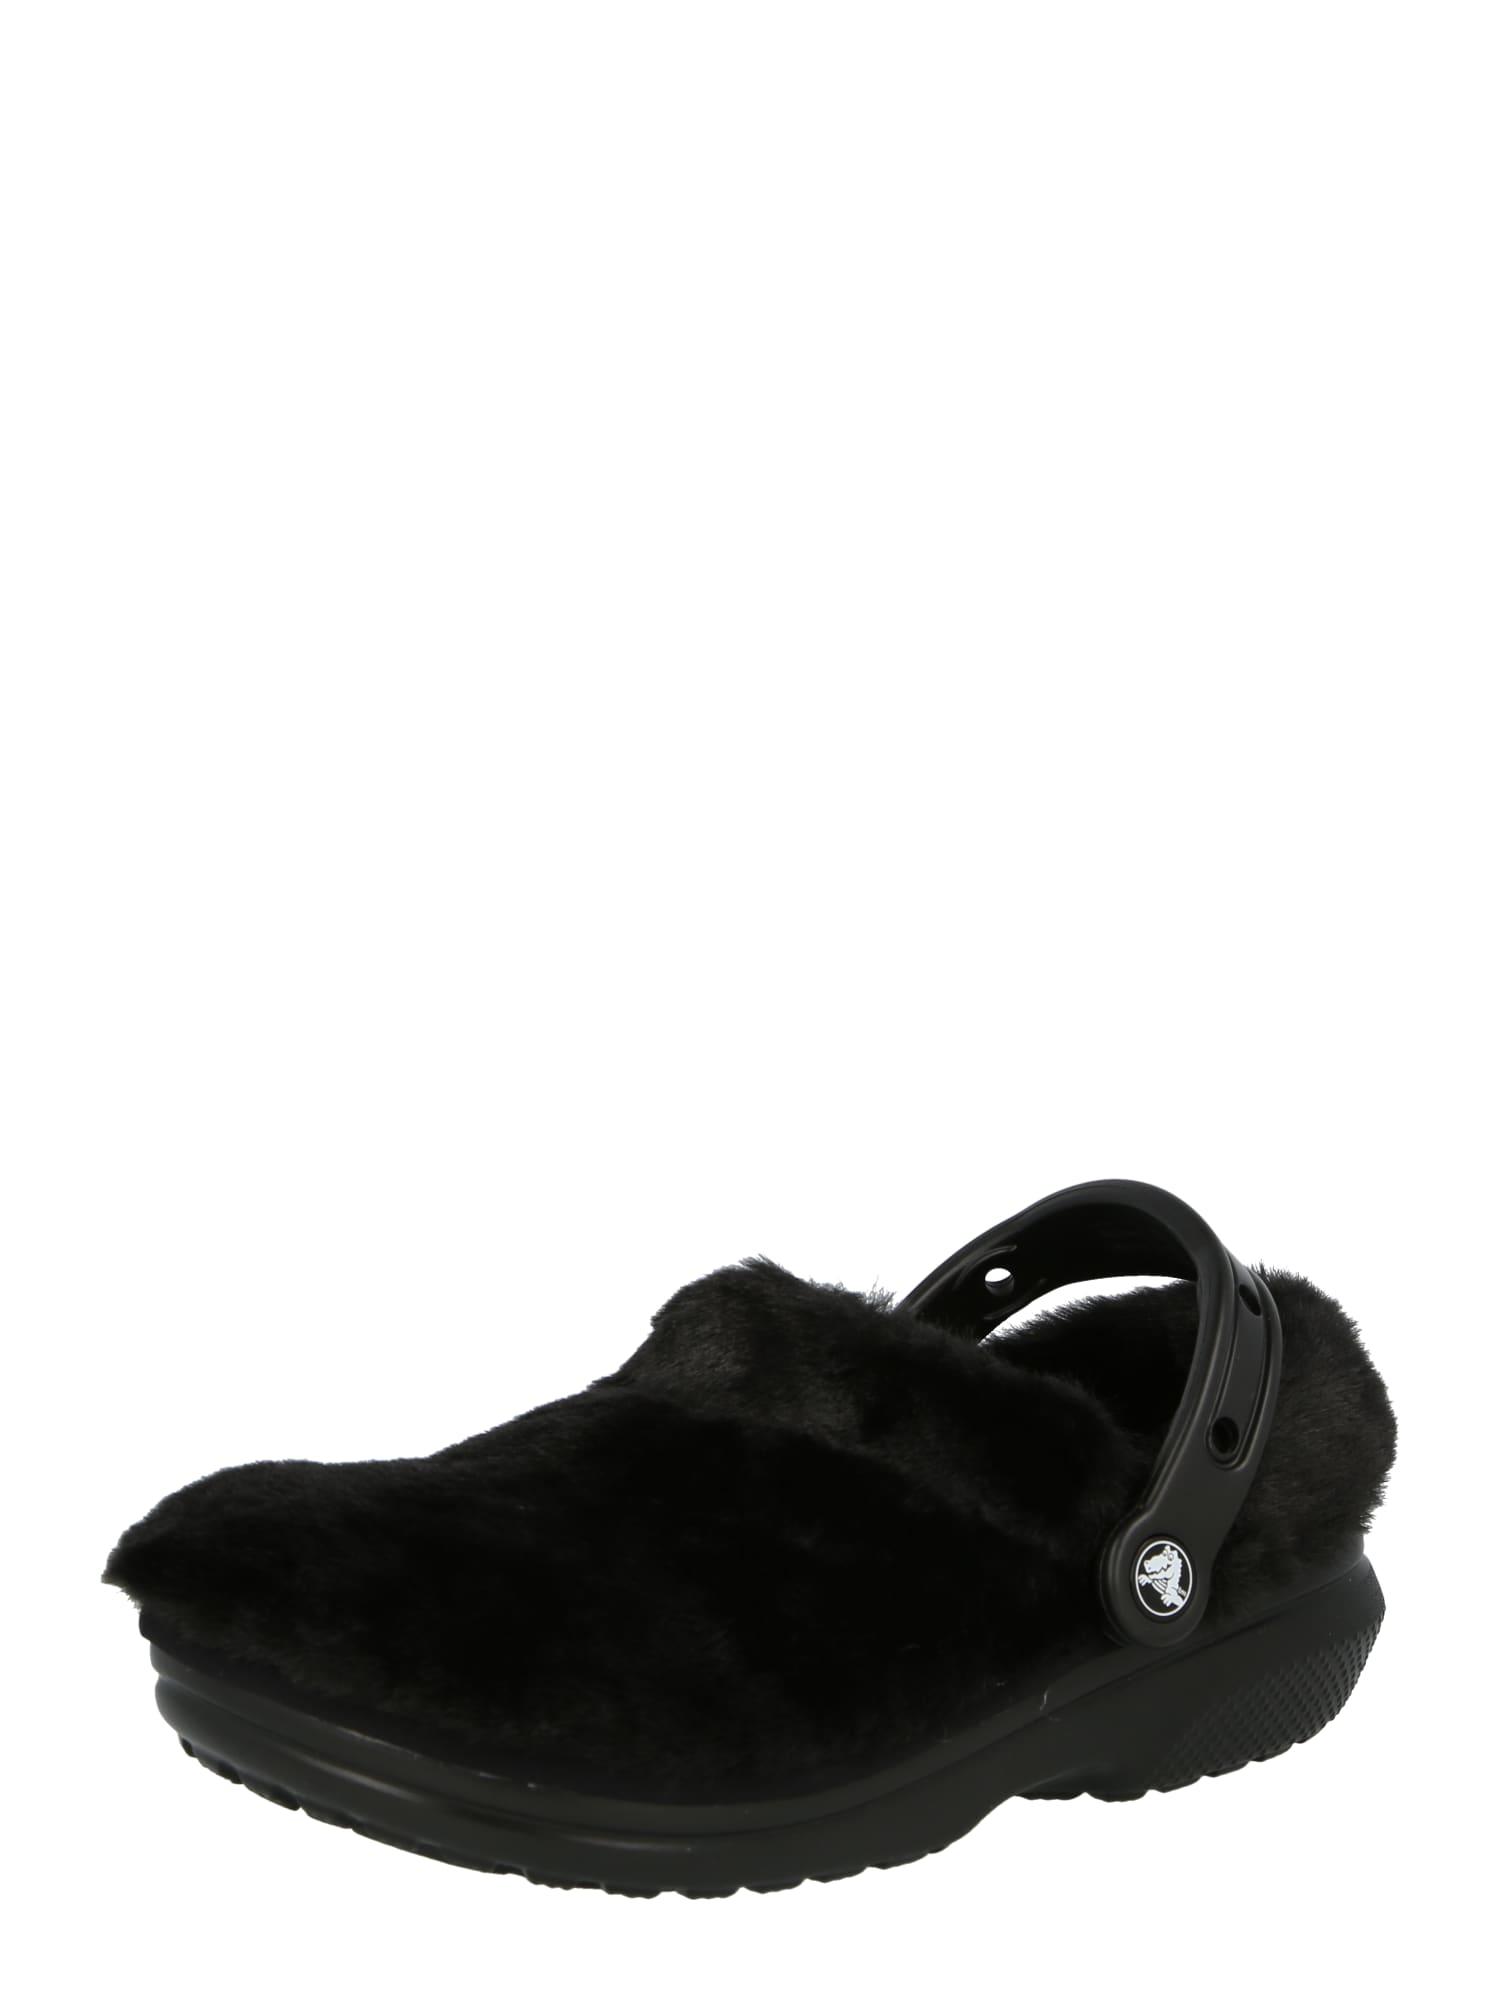 Crocs Sabots 'Classic Fur Sure'  - Noir - Taille: M9W11 - male